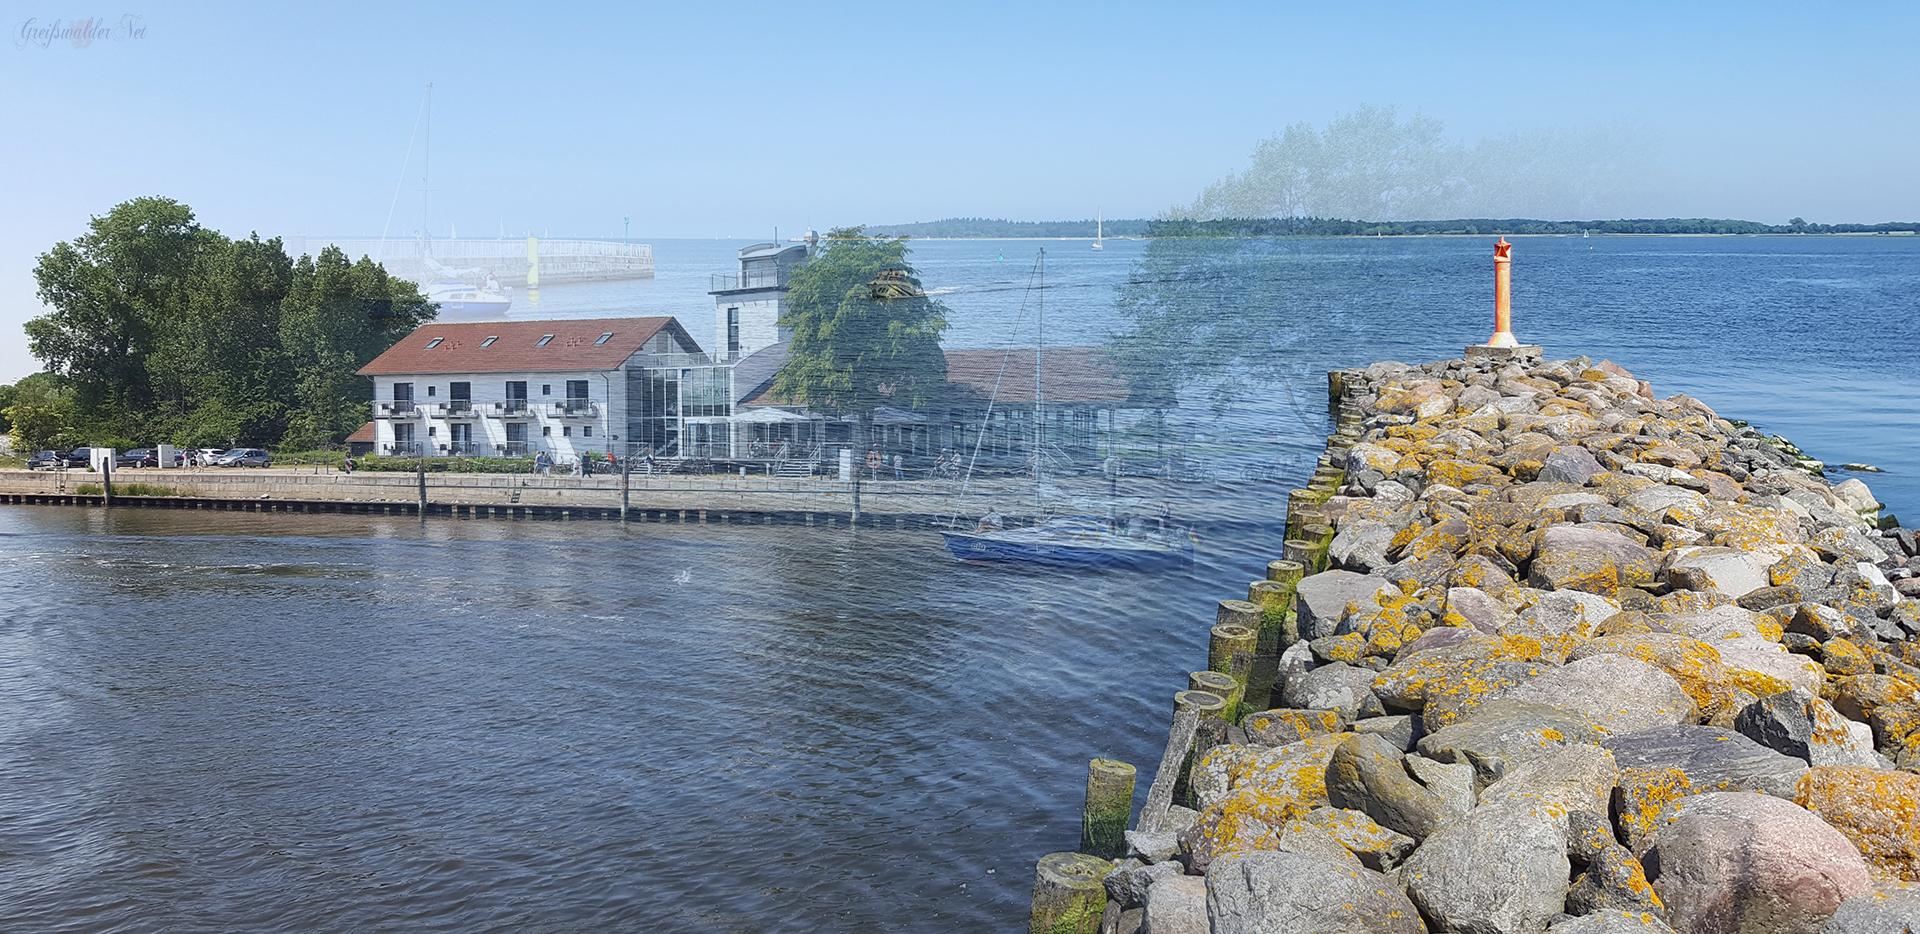 Fotomontage: Mole und Utkiek in Greifswald-Wieck